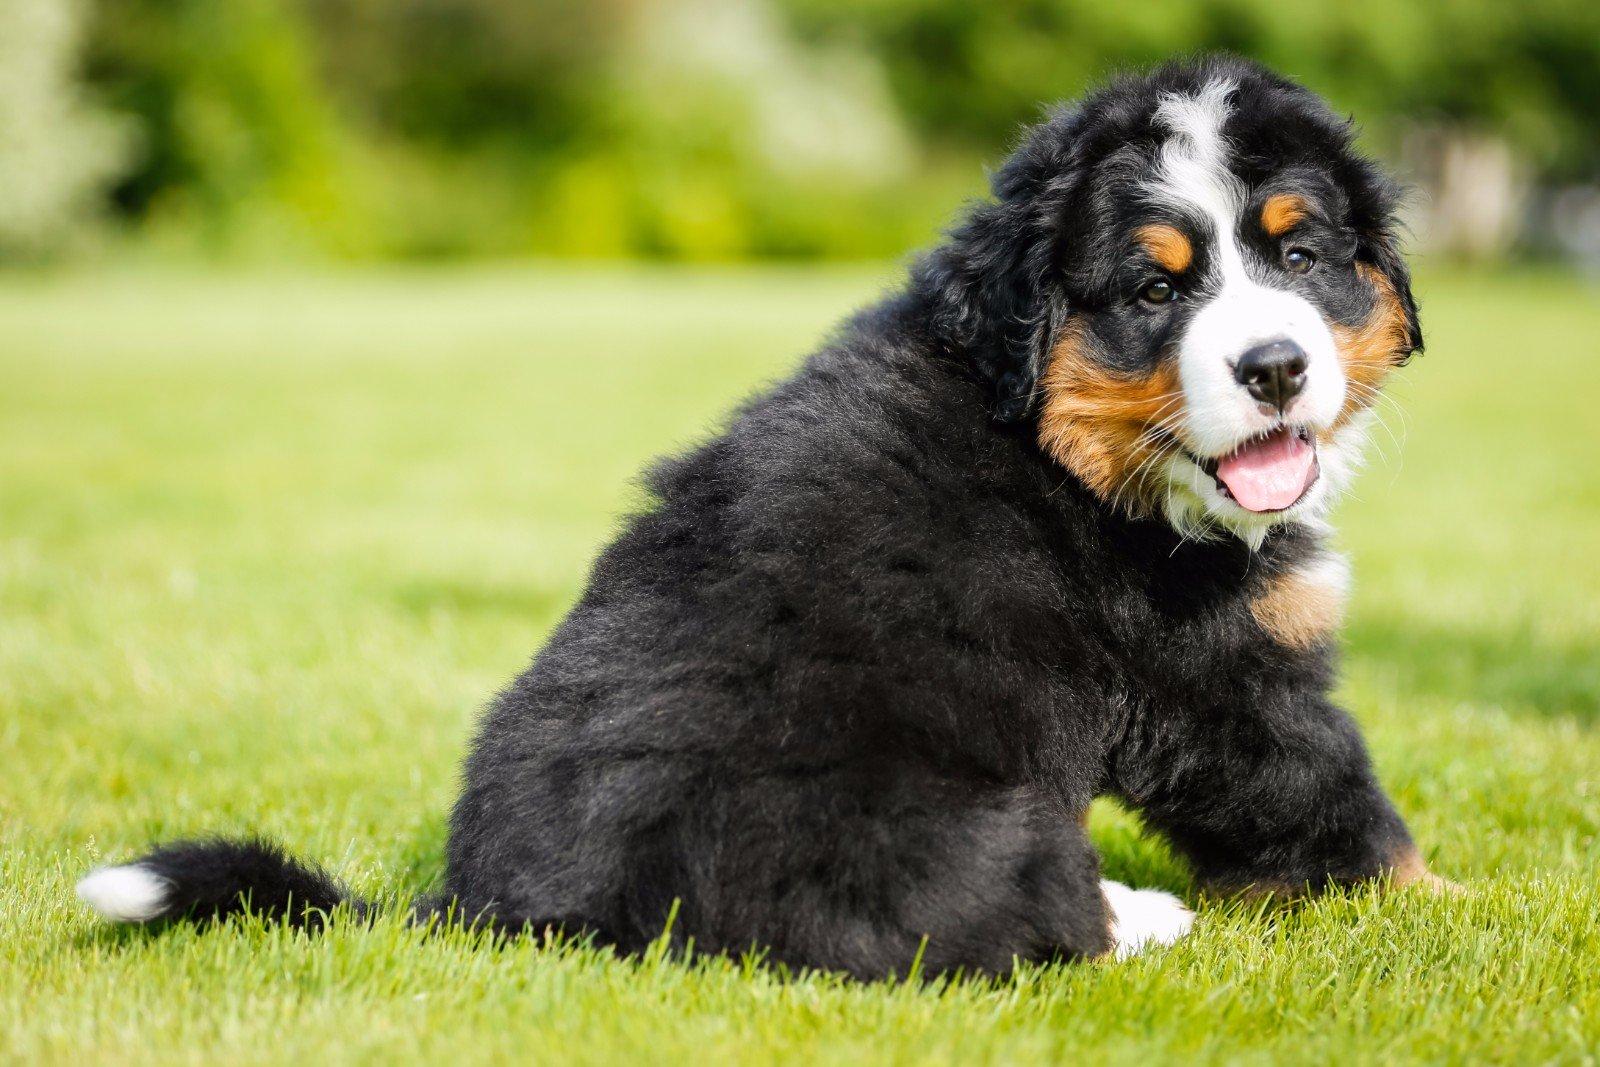 Cucciolo di cane in un giardino